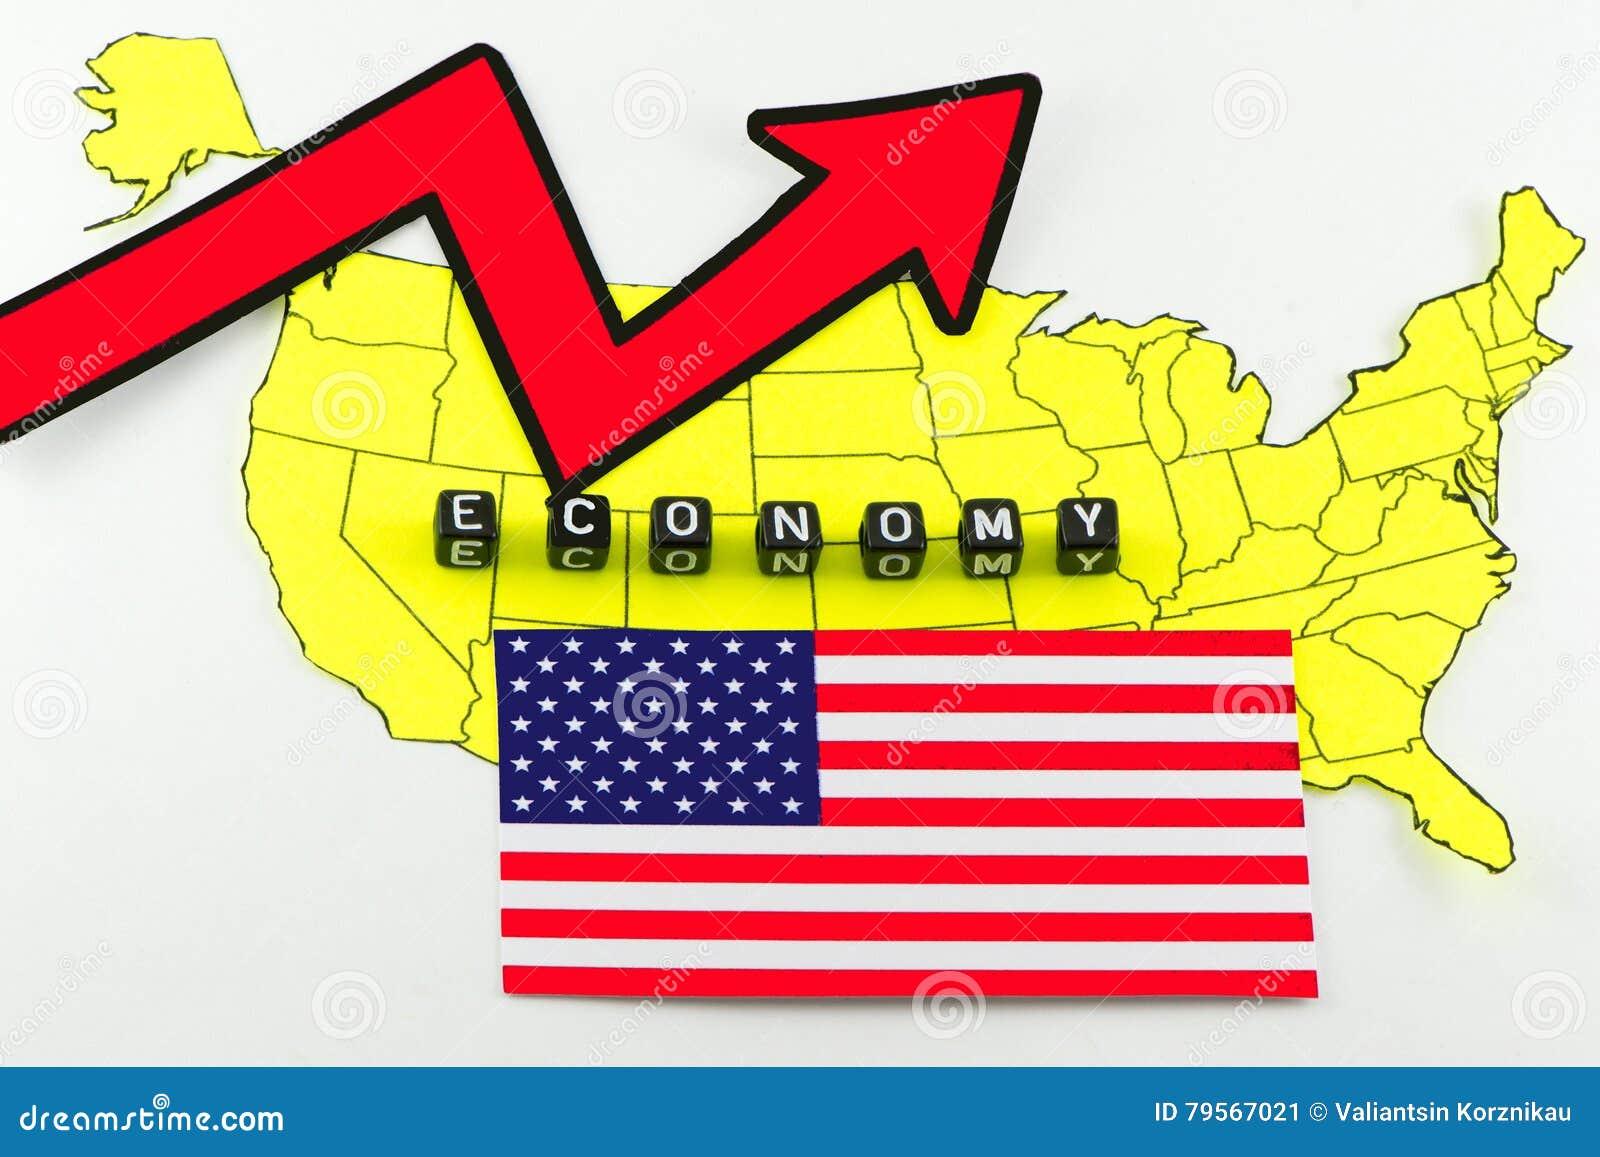 Recuperación económica de los E.E.U.U. en el concepto